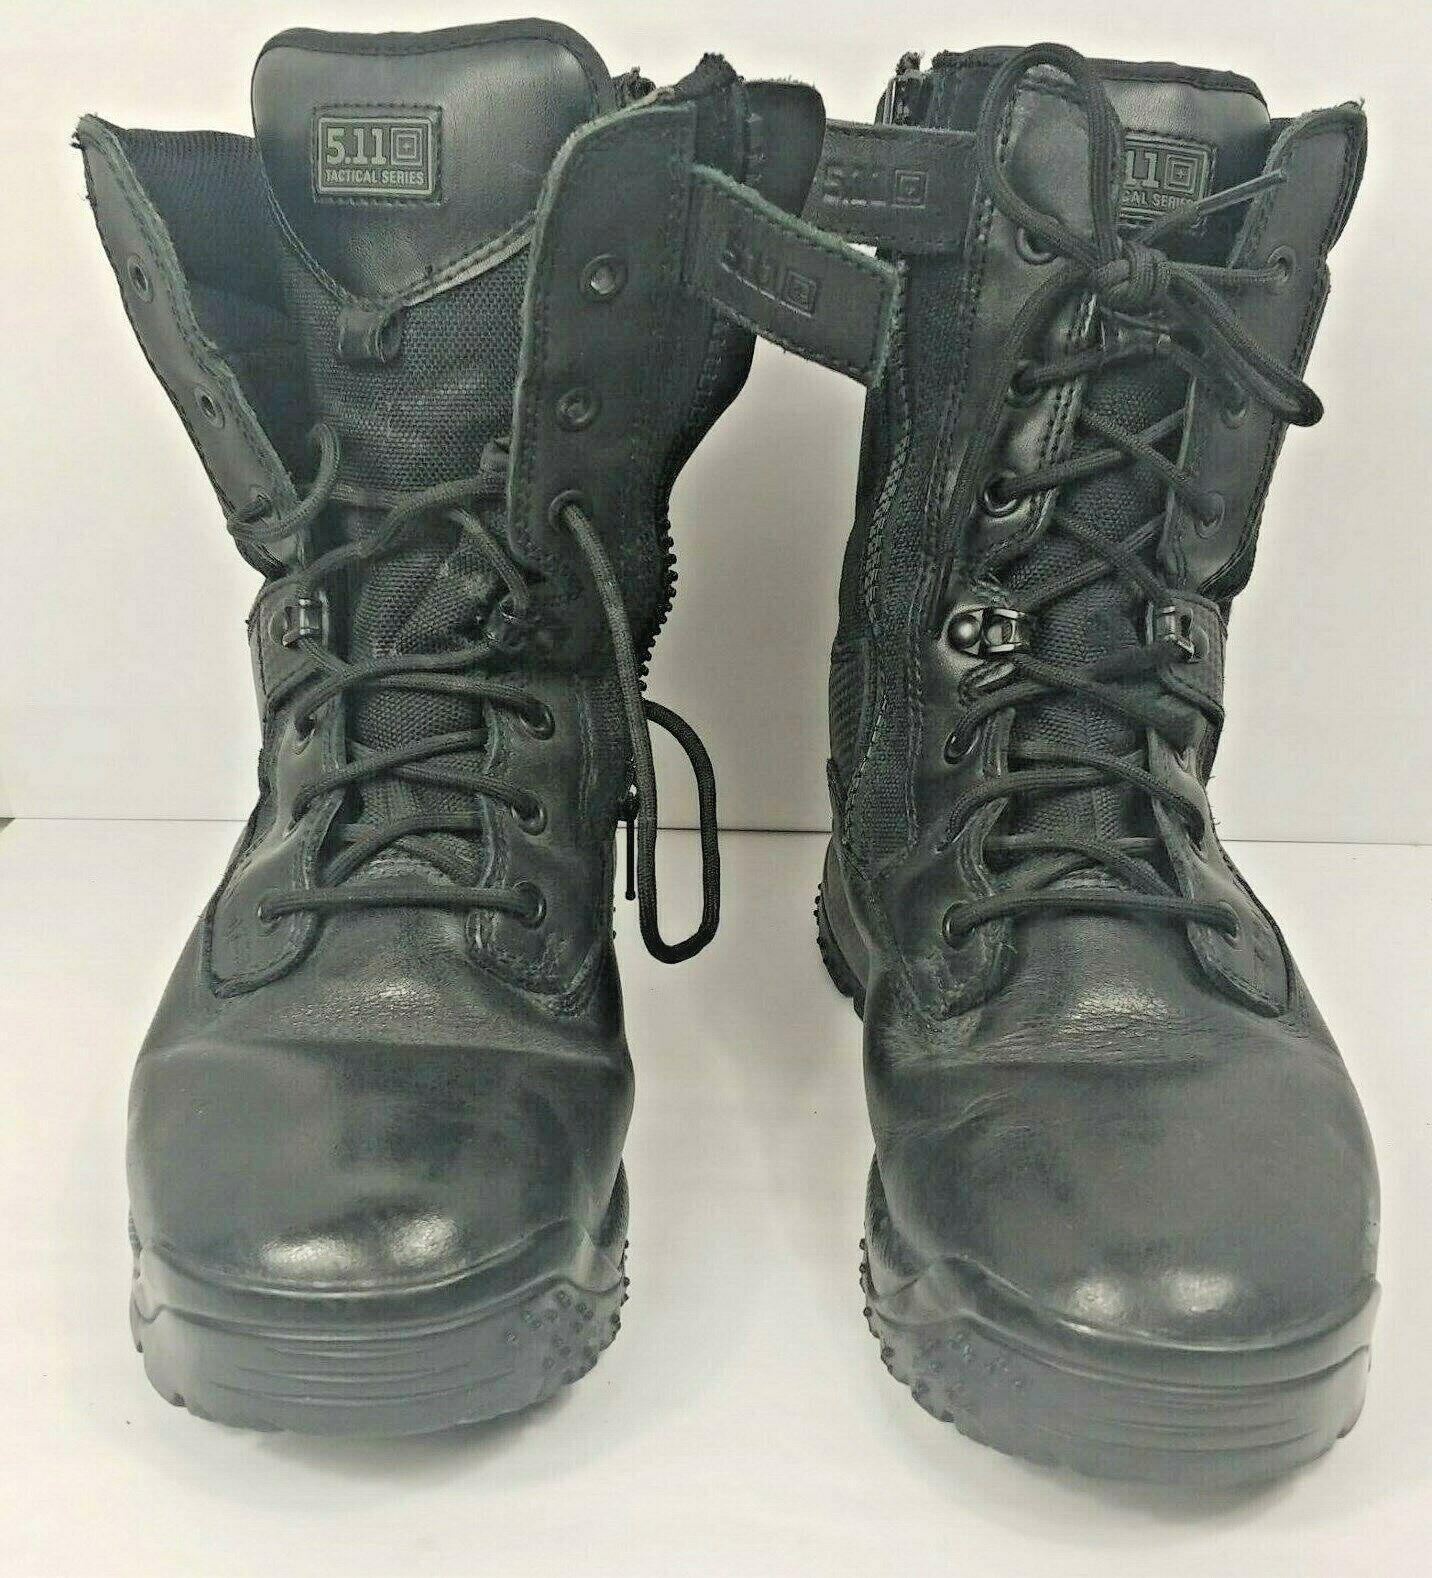 5.11 botas tácticas de hombre negro ATAC Escudo Projoector del dedo del pie 8  Cremallera Lateral